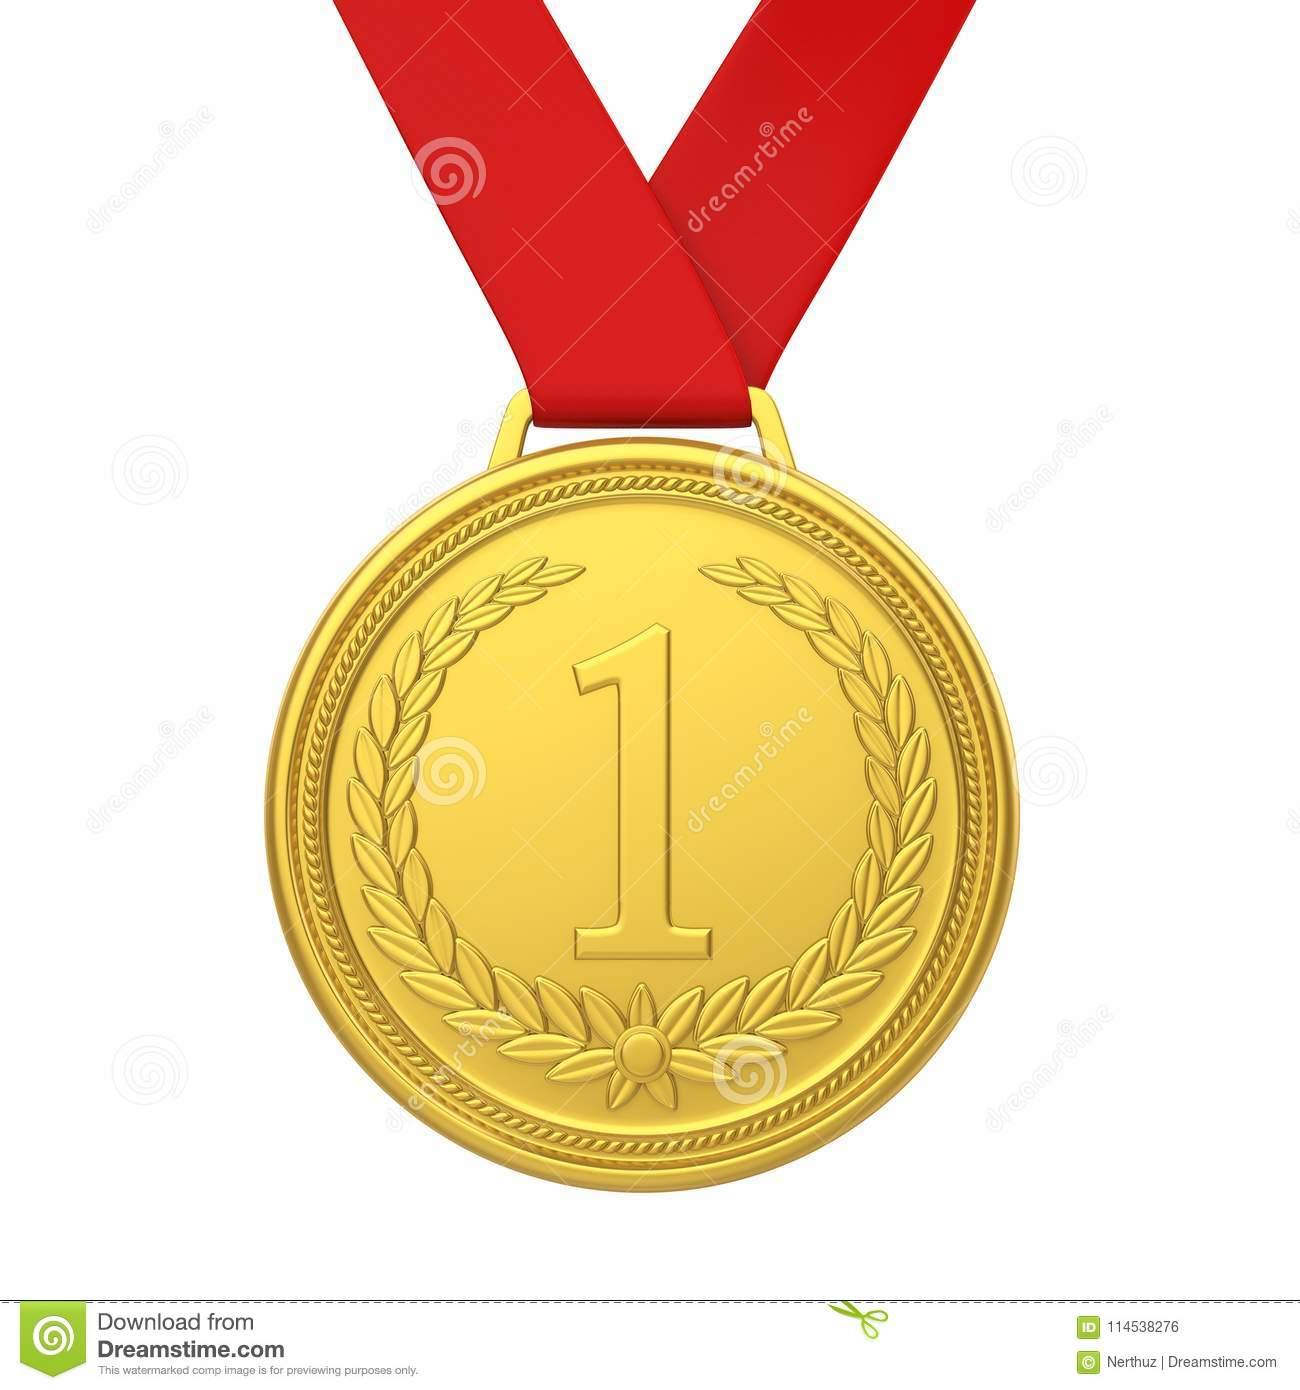 Χρυσός ο Ναυτικός Όμιλος Ιτέας στο Πανελλήνιο Πρωτάθλημα Κολύμβησης 2021!!!!